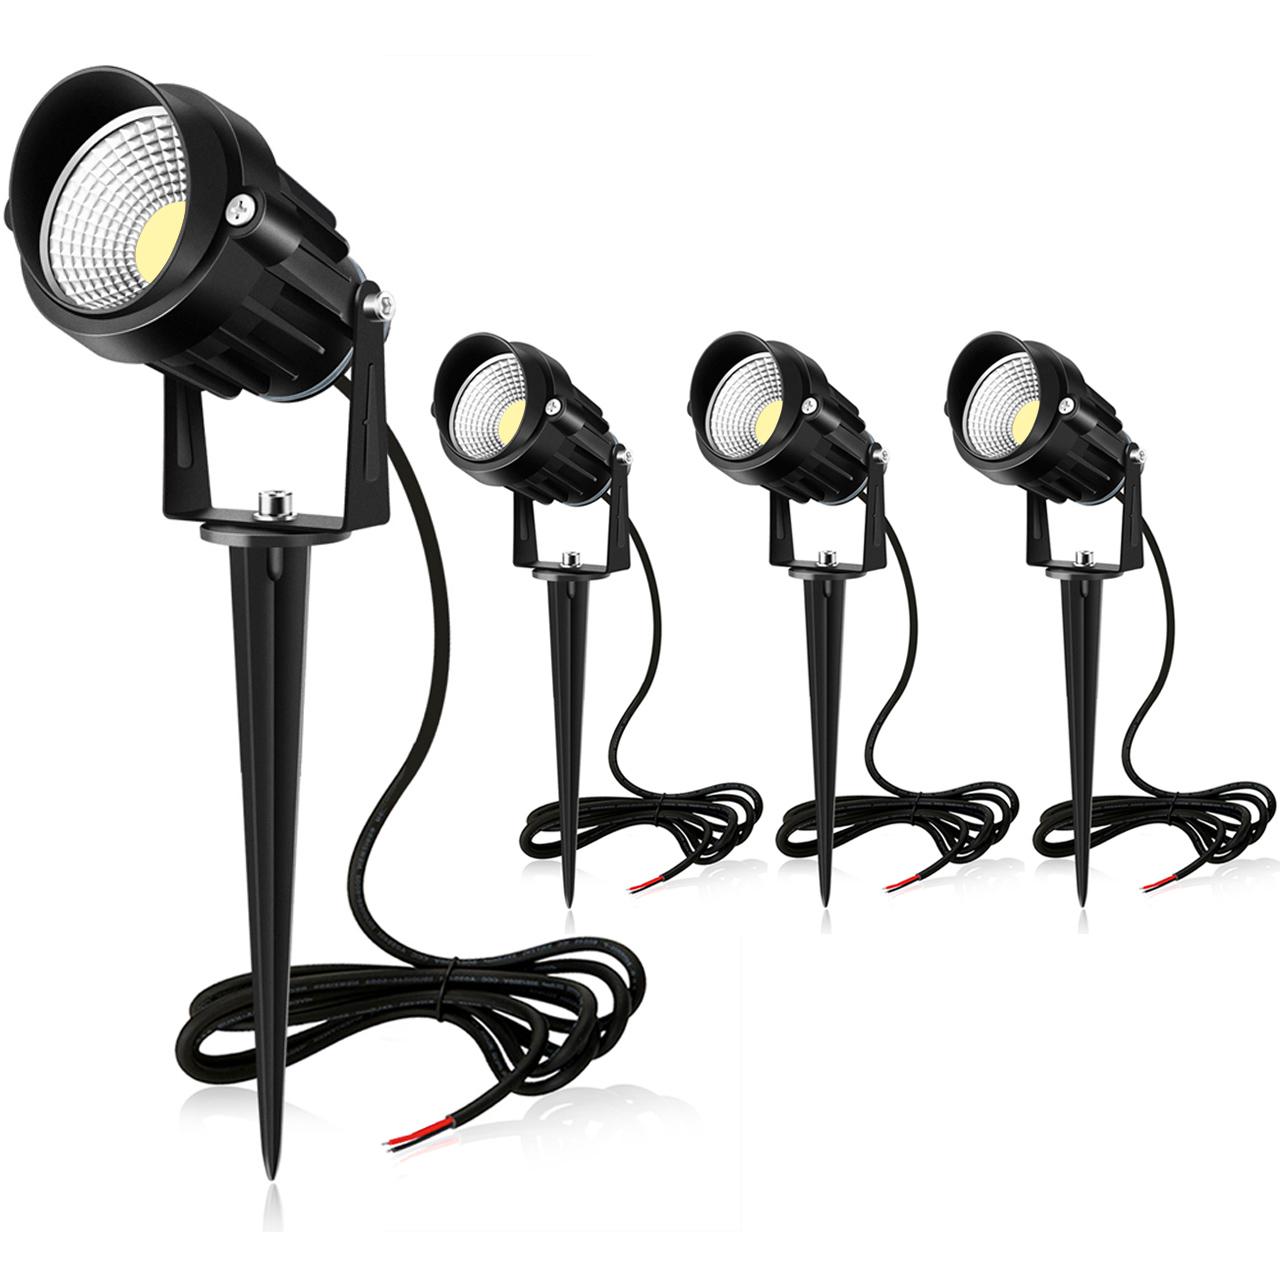 MEIKEE 7W LED Landscape Lights 12V/24V(4 Pack)